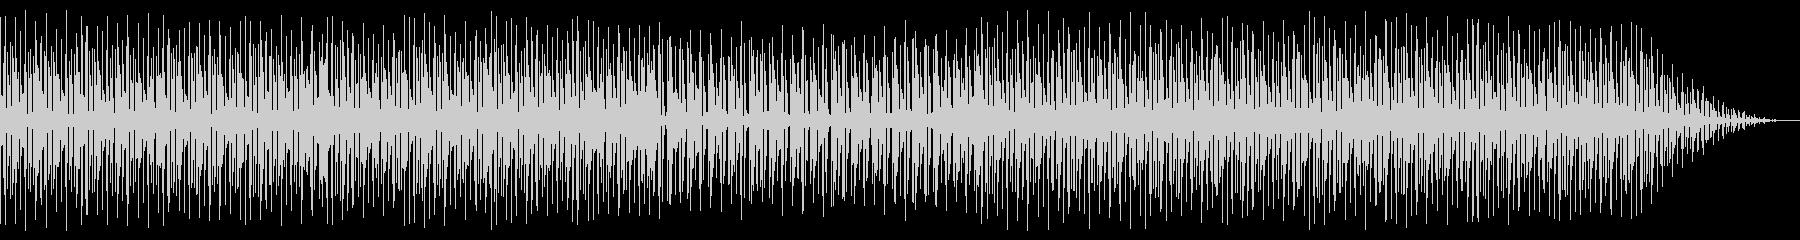 テクノハウス・ダンス・映像・IT系の未再生の波形